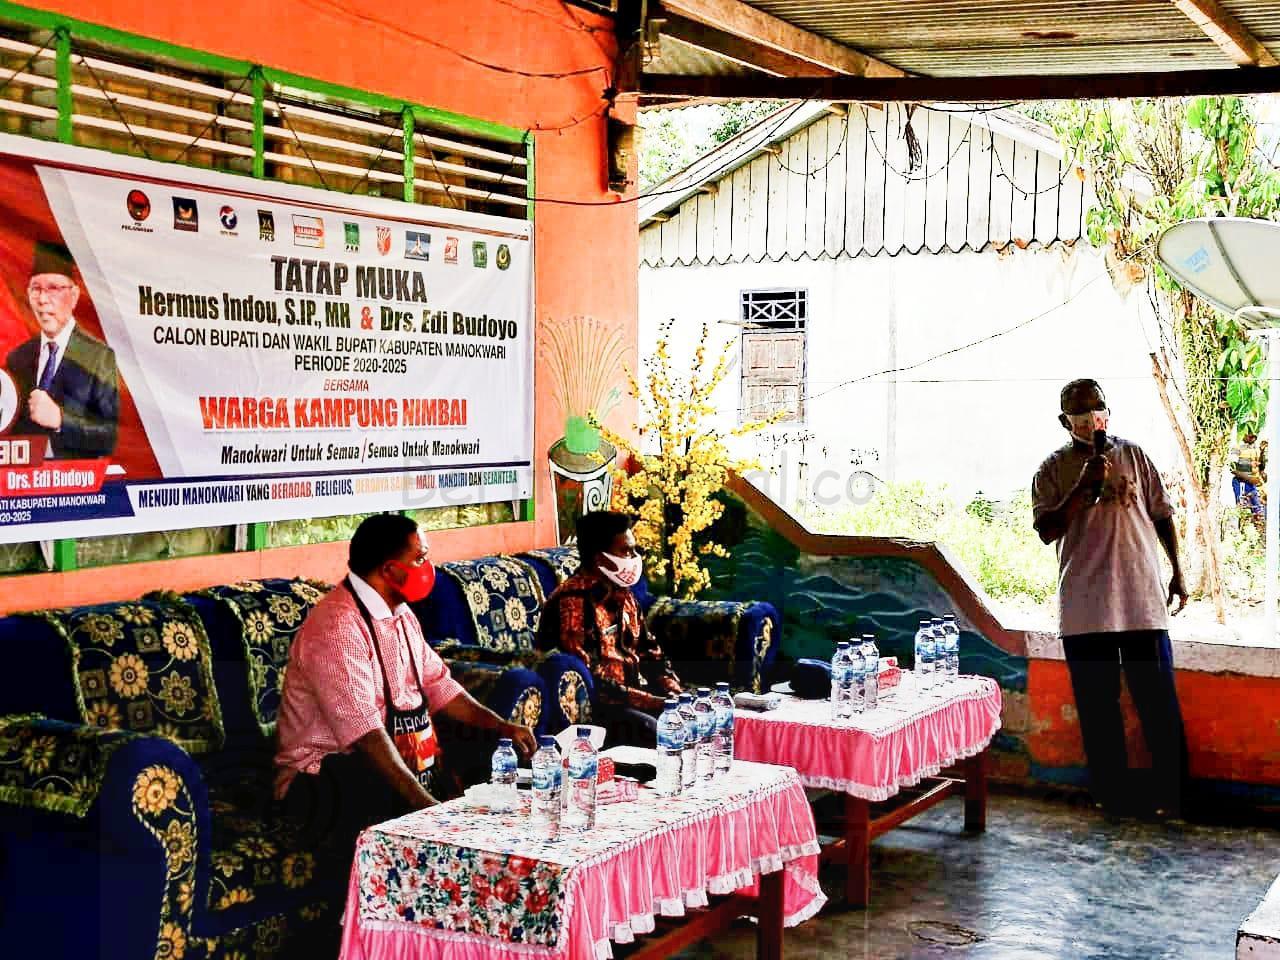 Hermus Indou: Pilih Paslon Membangun Masyarakat, Bukan Janji Dan Rupiah 1 IMG 20201031 WA0028 1